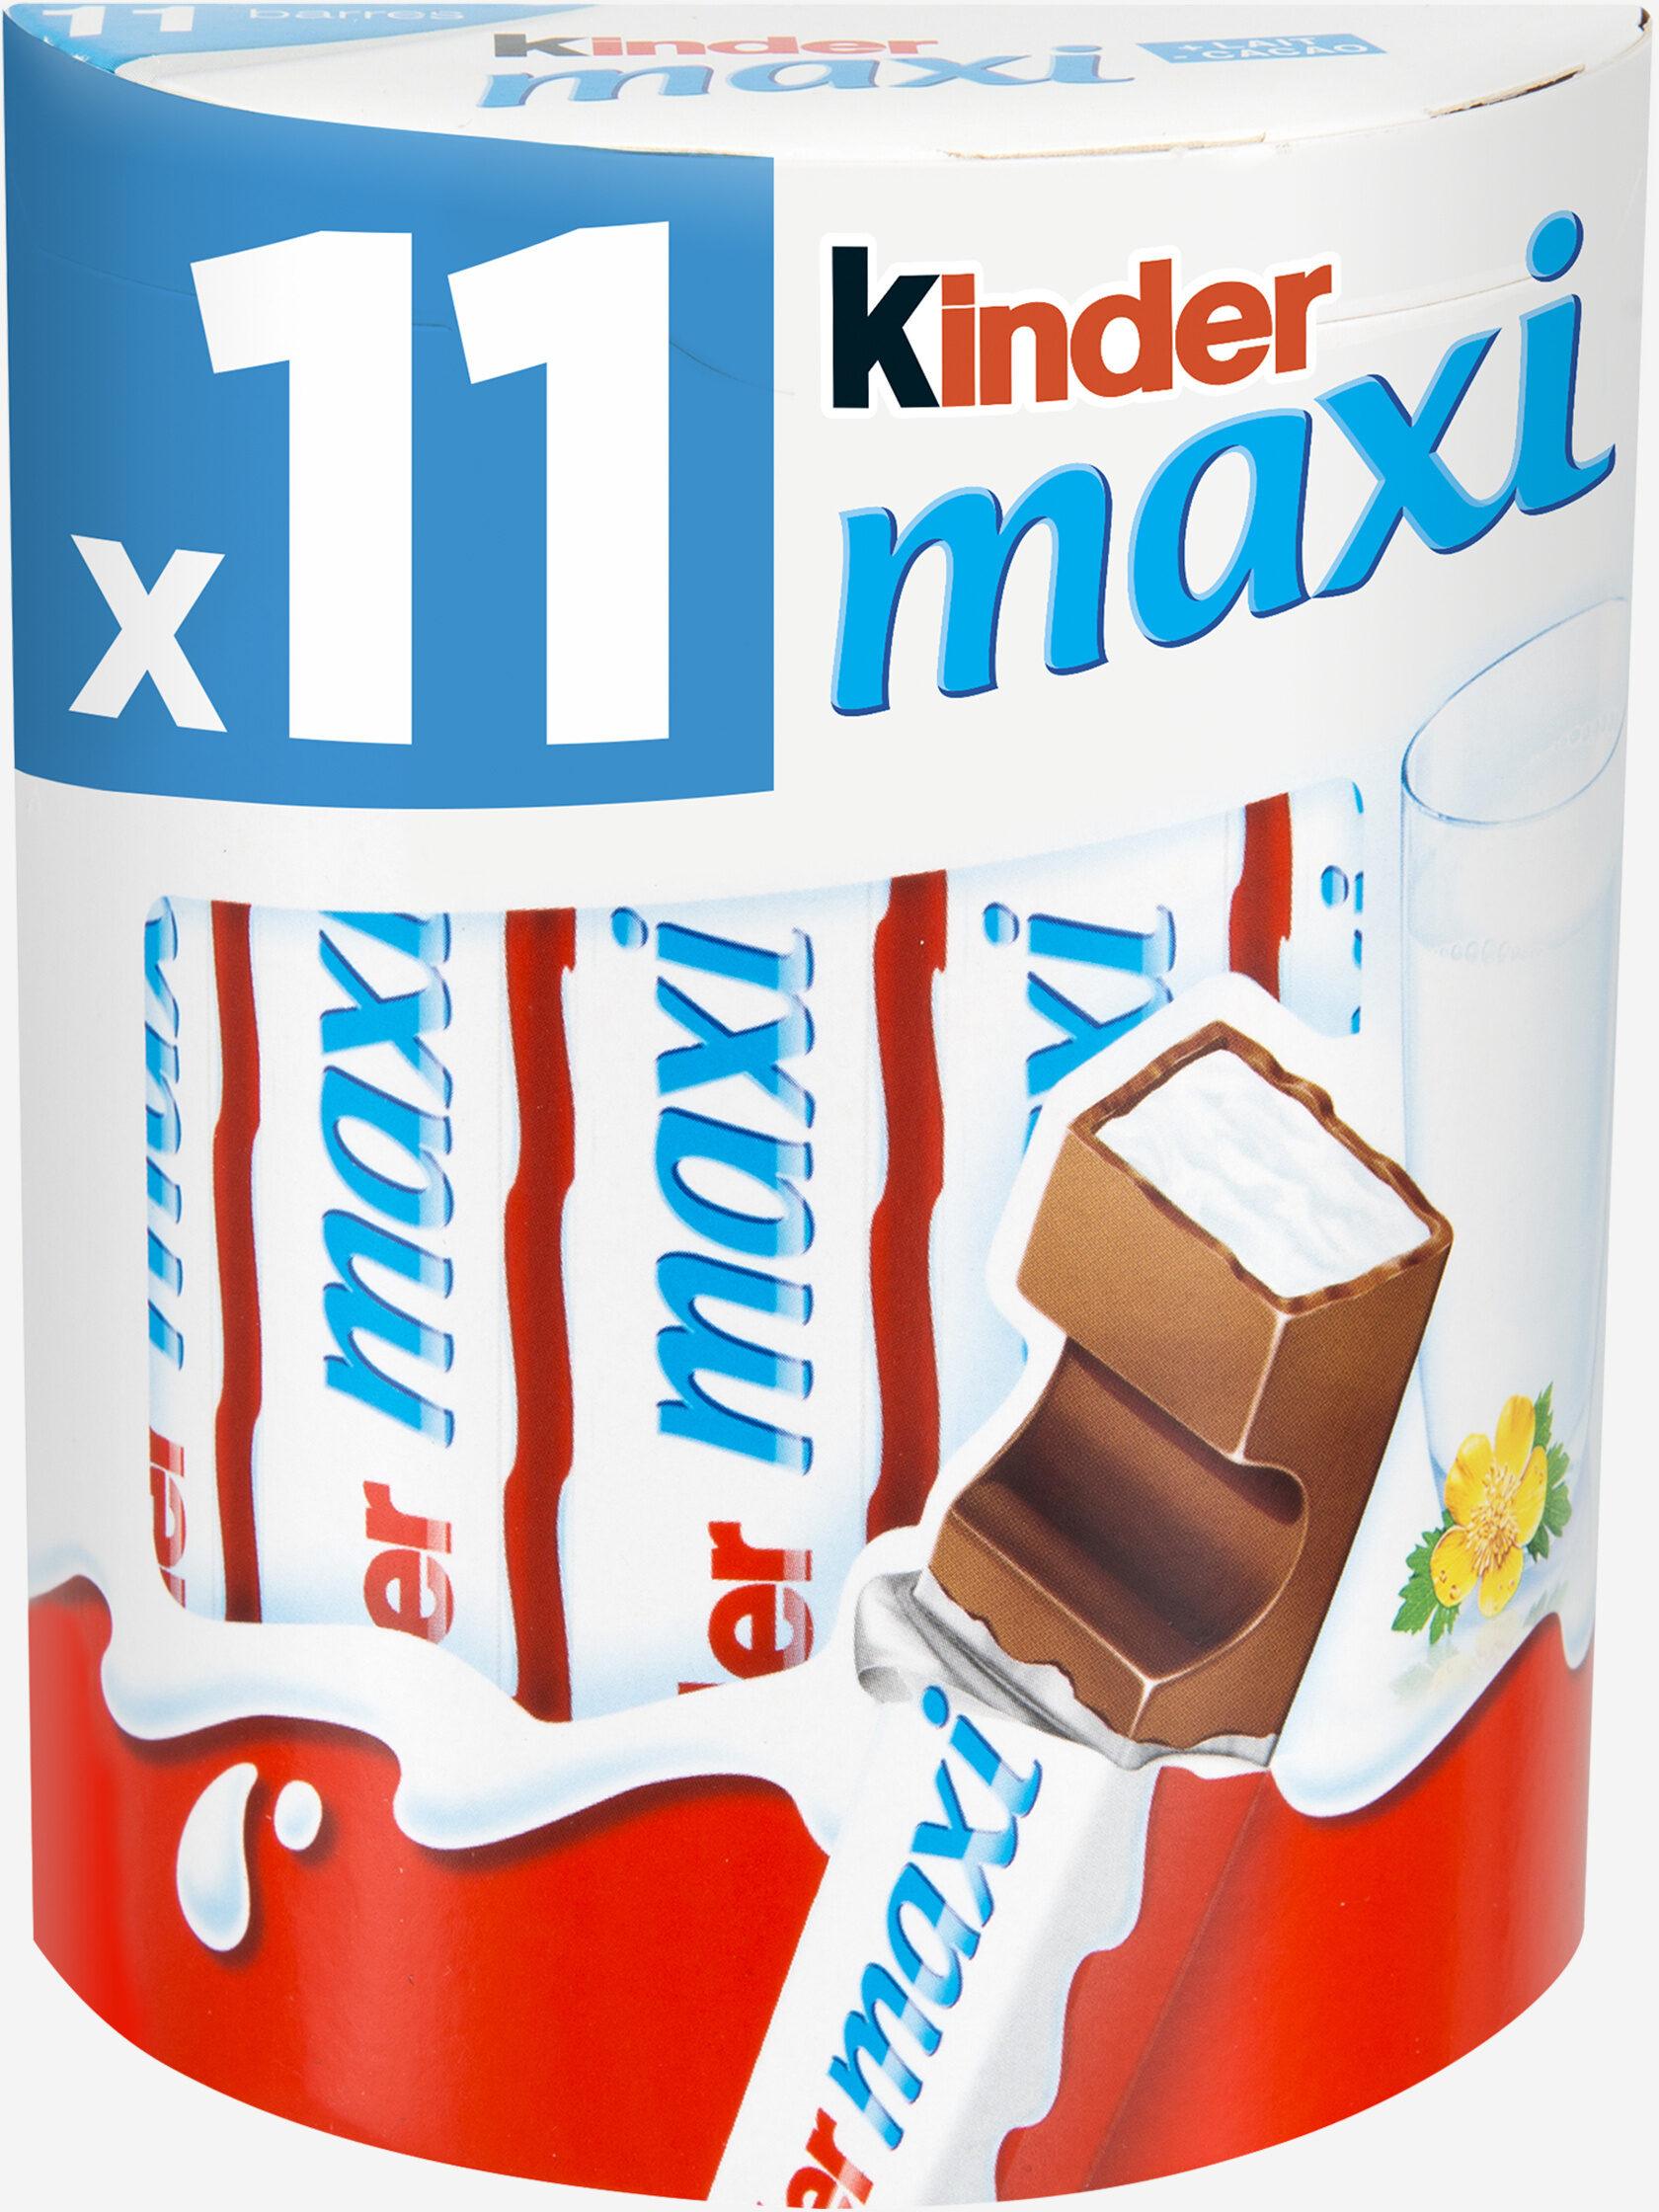 Kinder maxi barre chocolat au lait avec fourrage au lait 11 barres - Product - fr